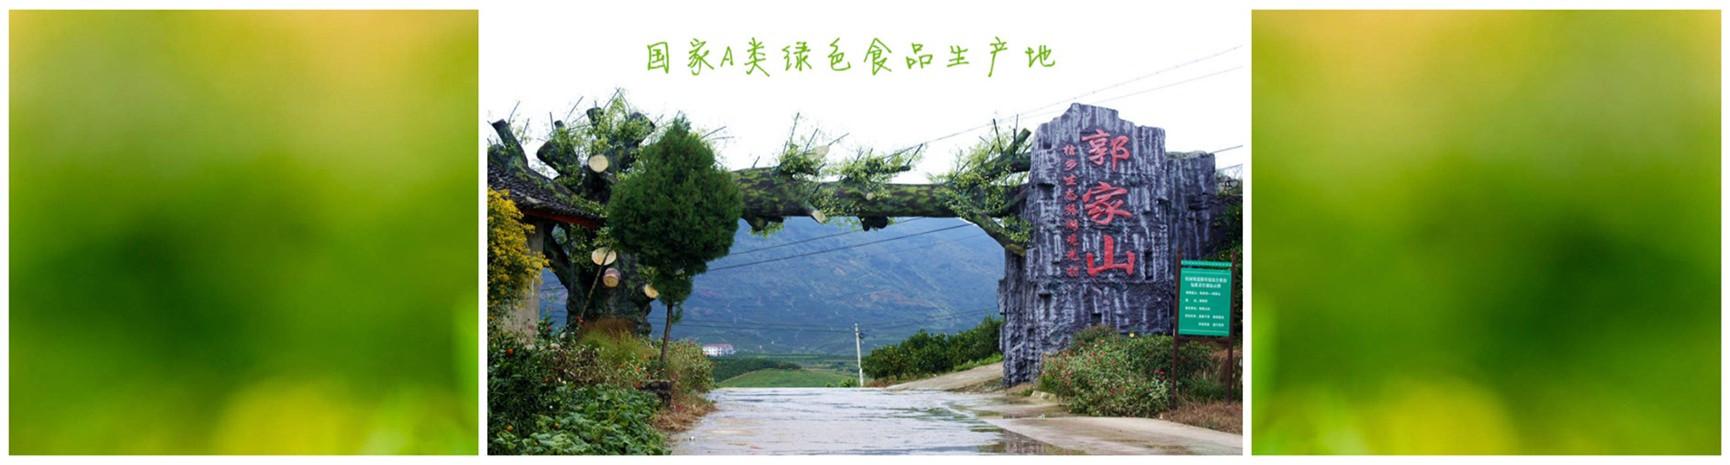 城固县郭家山村柑橘